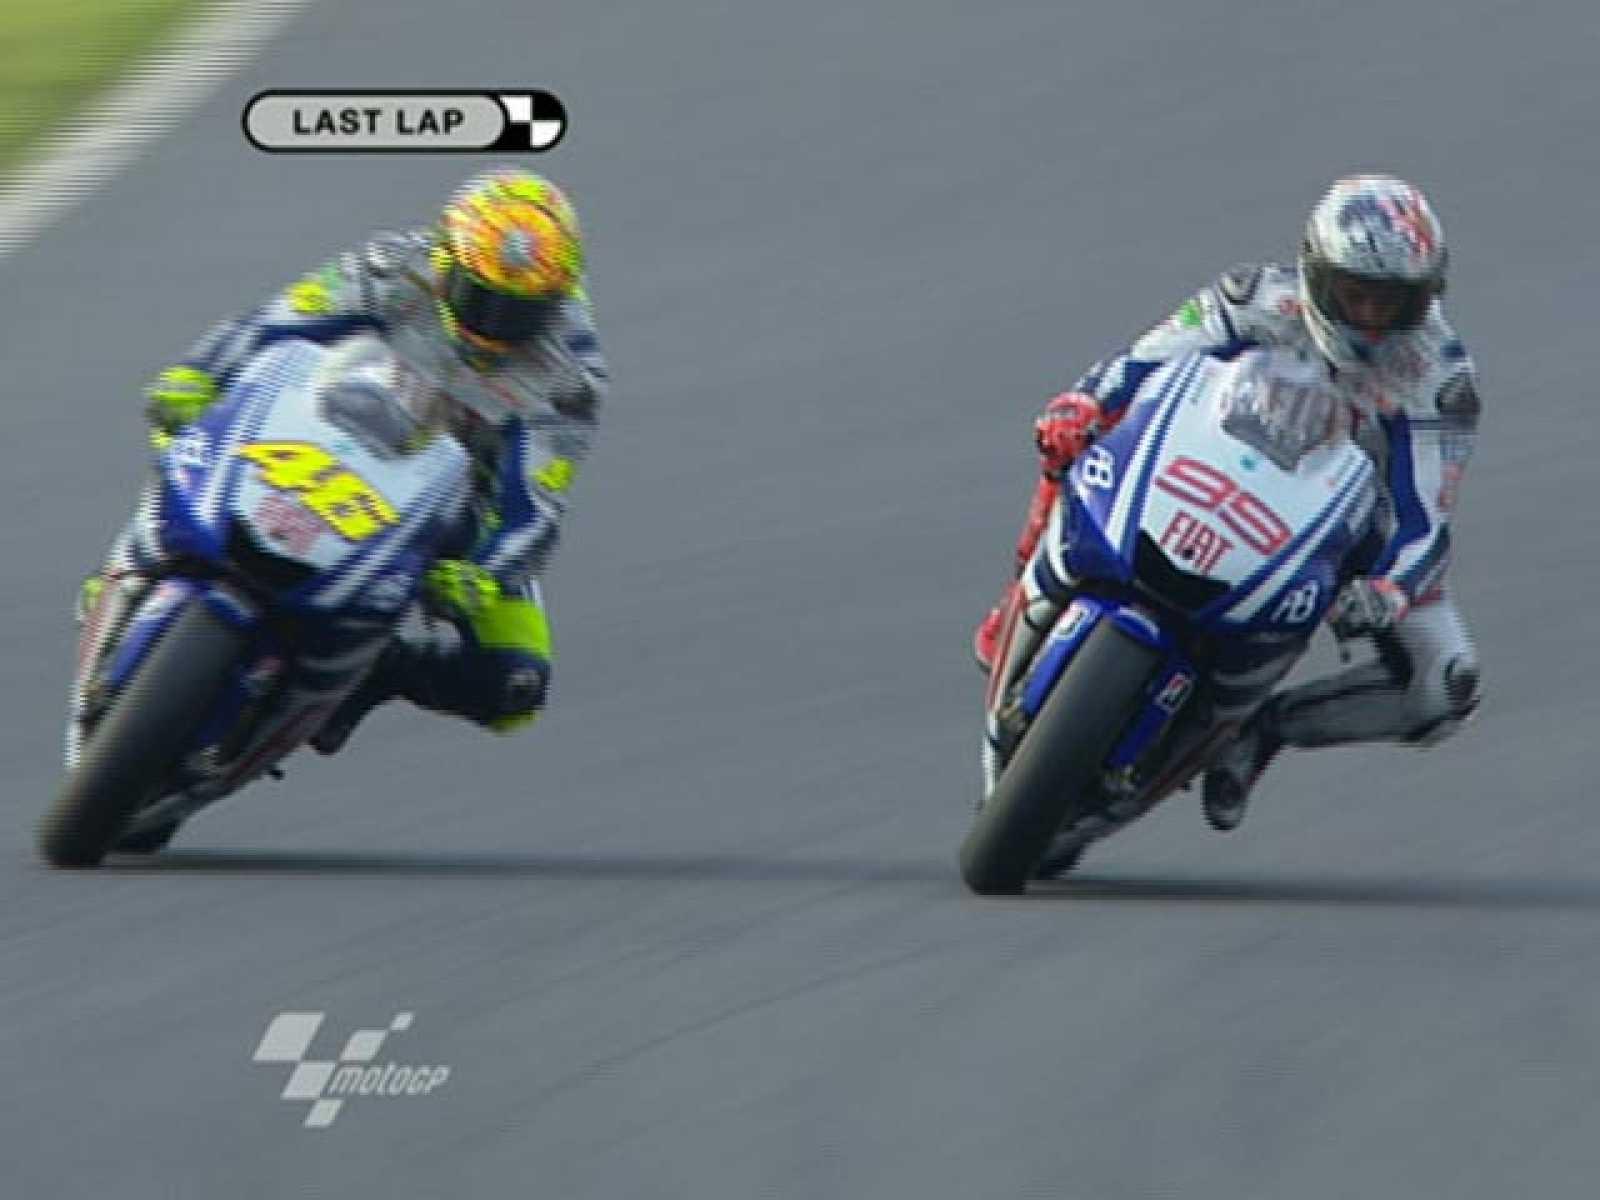 Valentino Rossi y Jorge Lorenzo han protagonizado una espectacular batalla sobre la pista de Motegi.